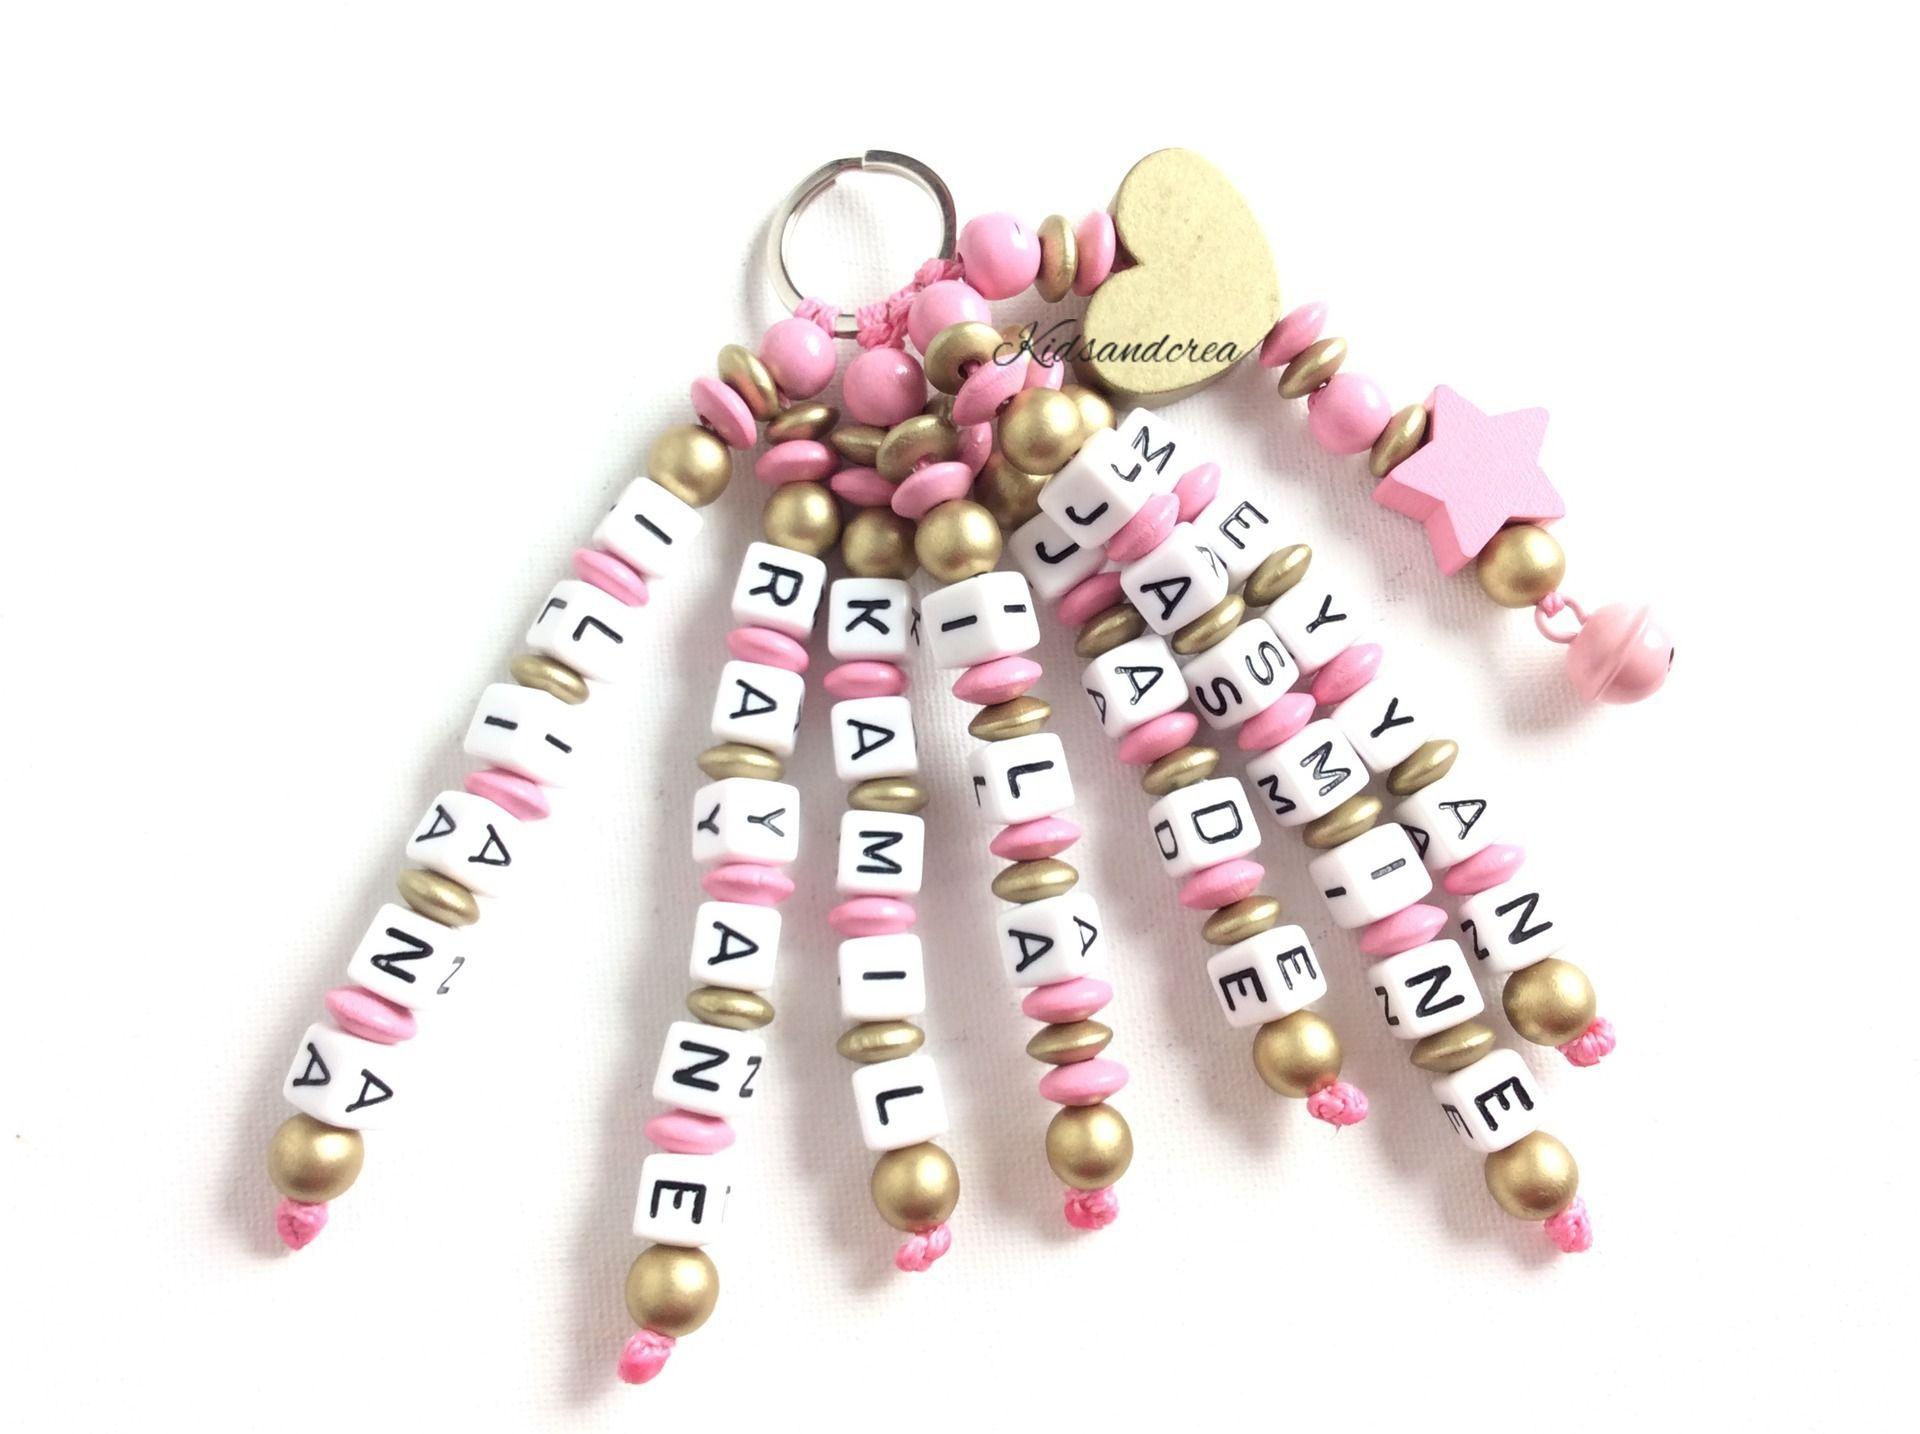 Porte cles personnalise perles en bois 7 prenoms porte cl personnalis attache t tine - Perle en bois pour attache tetine ...